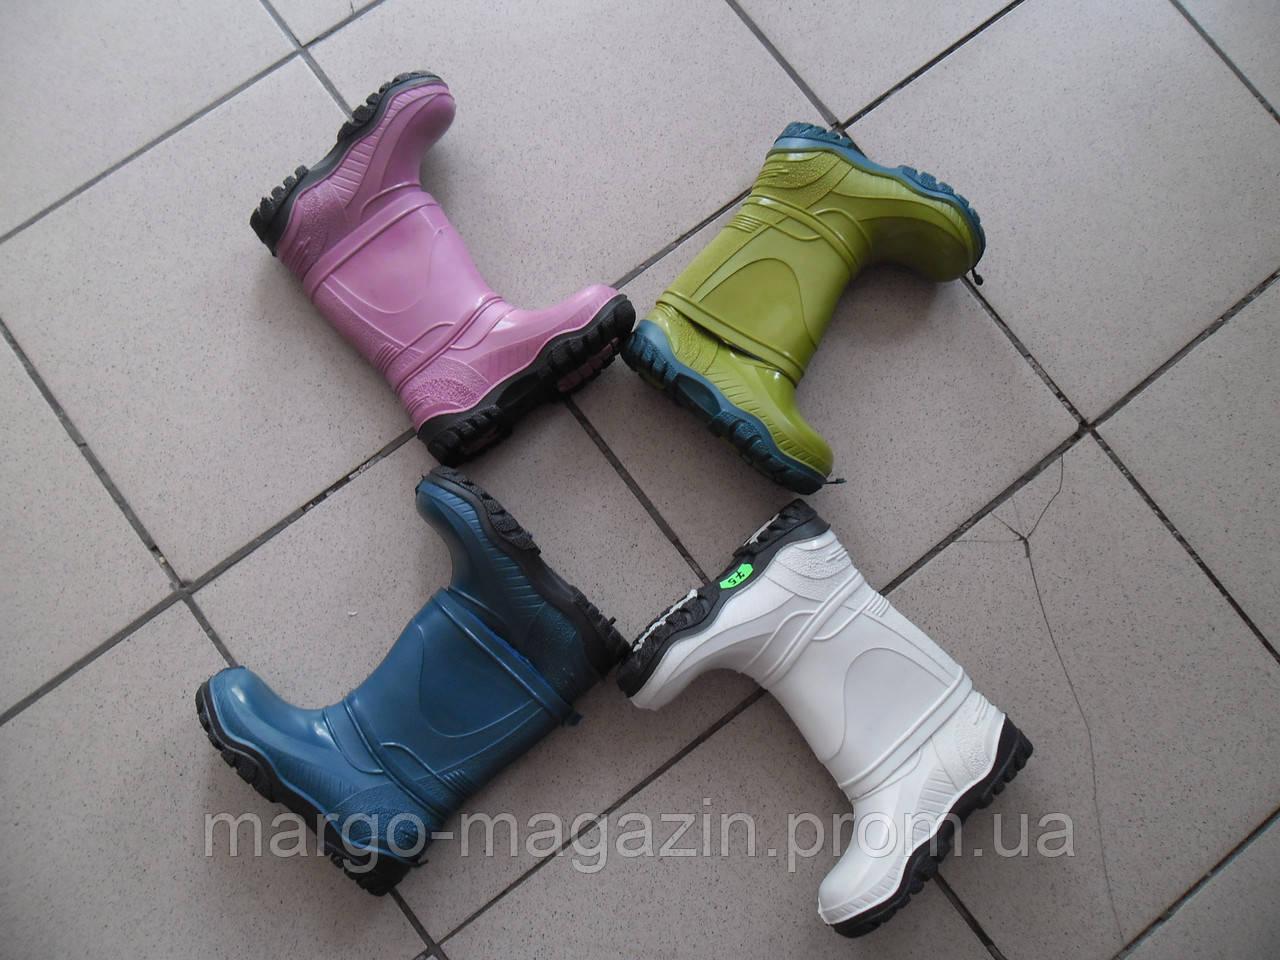 Купить сапоги подростковые для девочки зимние